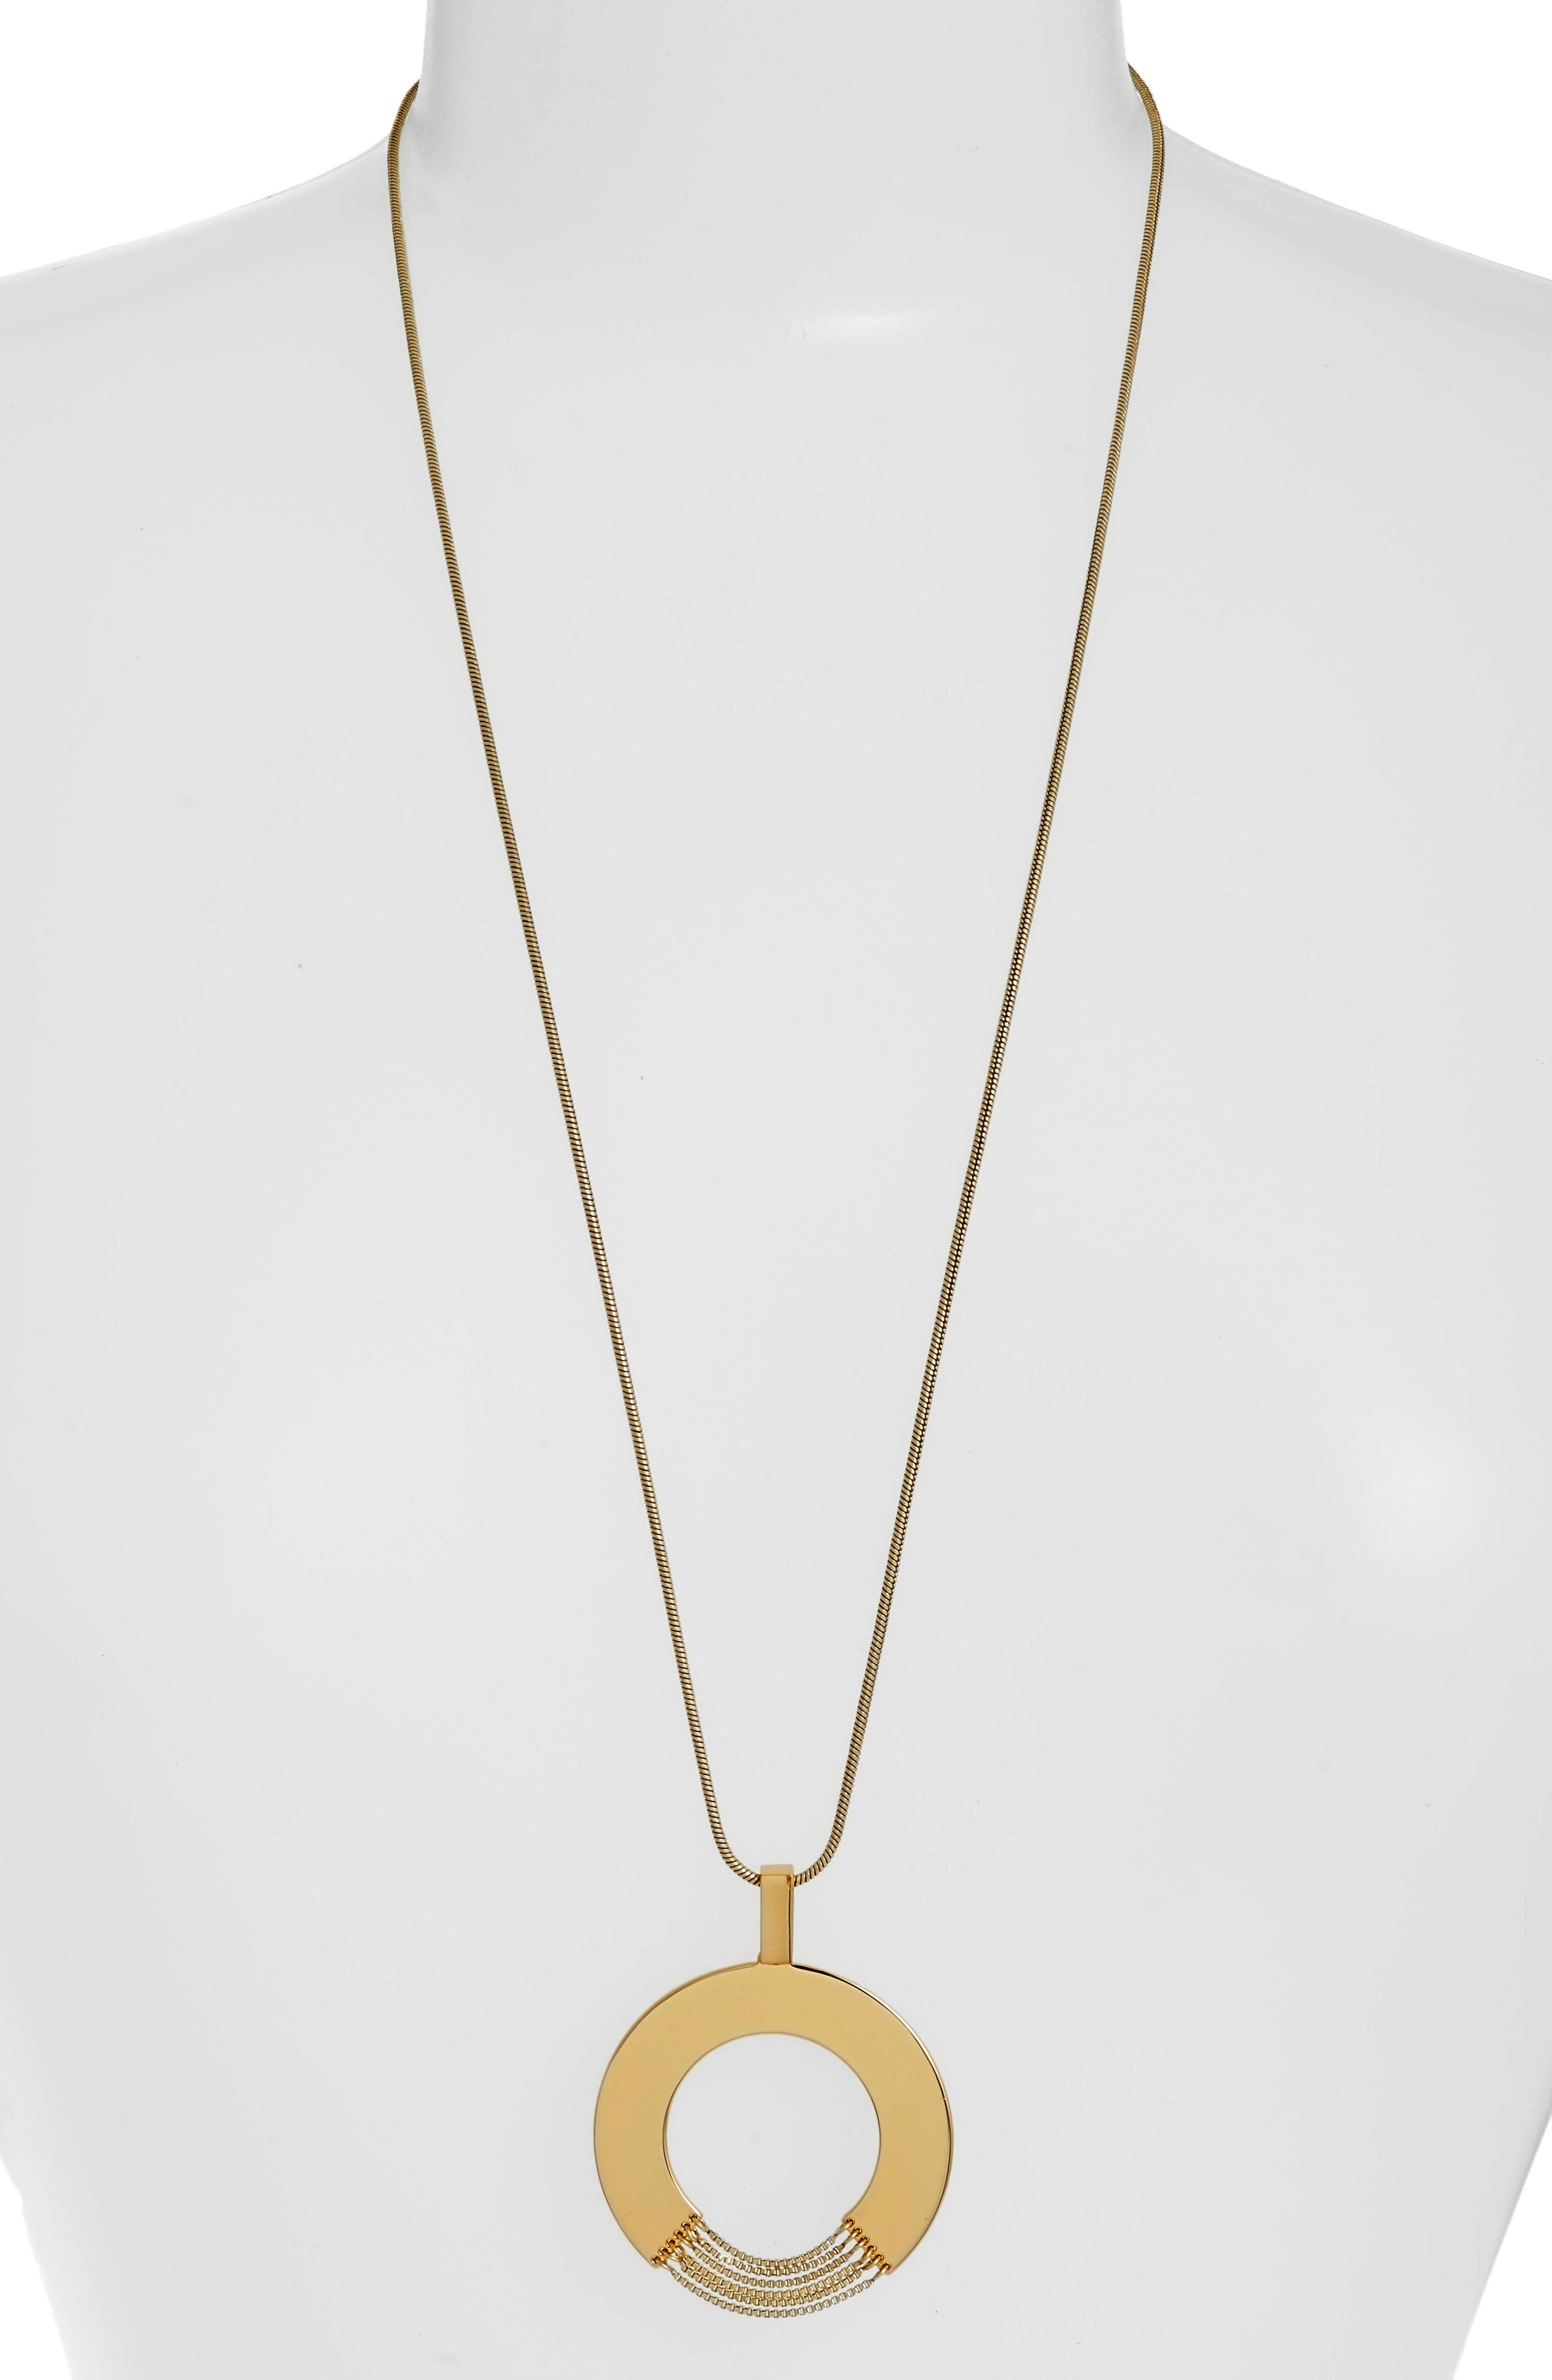 Sofia Rises Pendant Necklace,                             Main thumbnail 1, color,                             GOLD